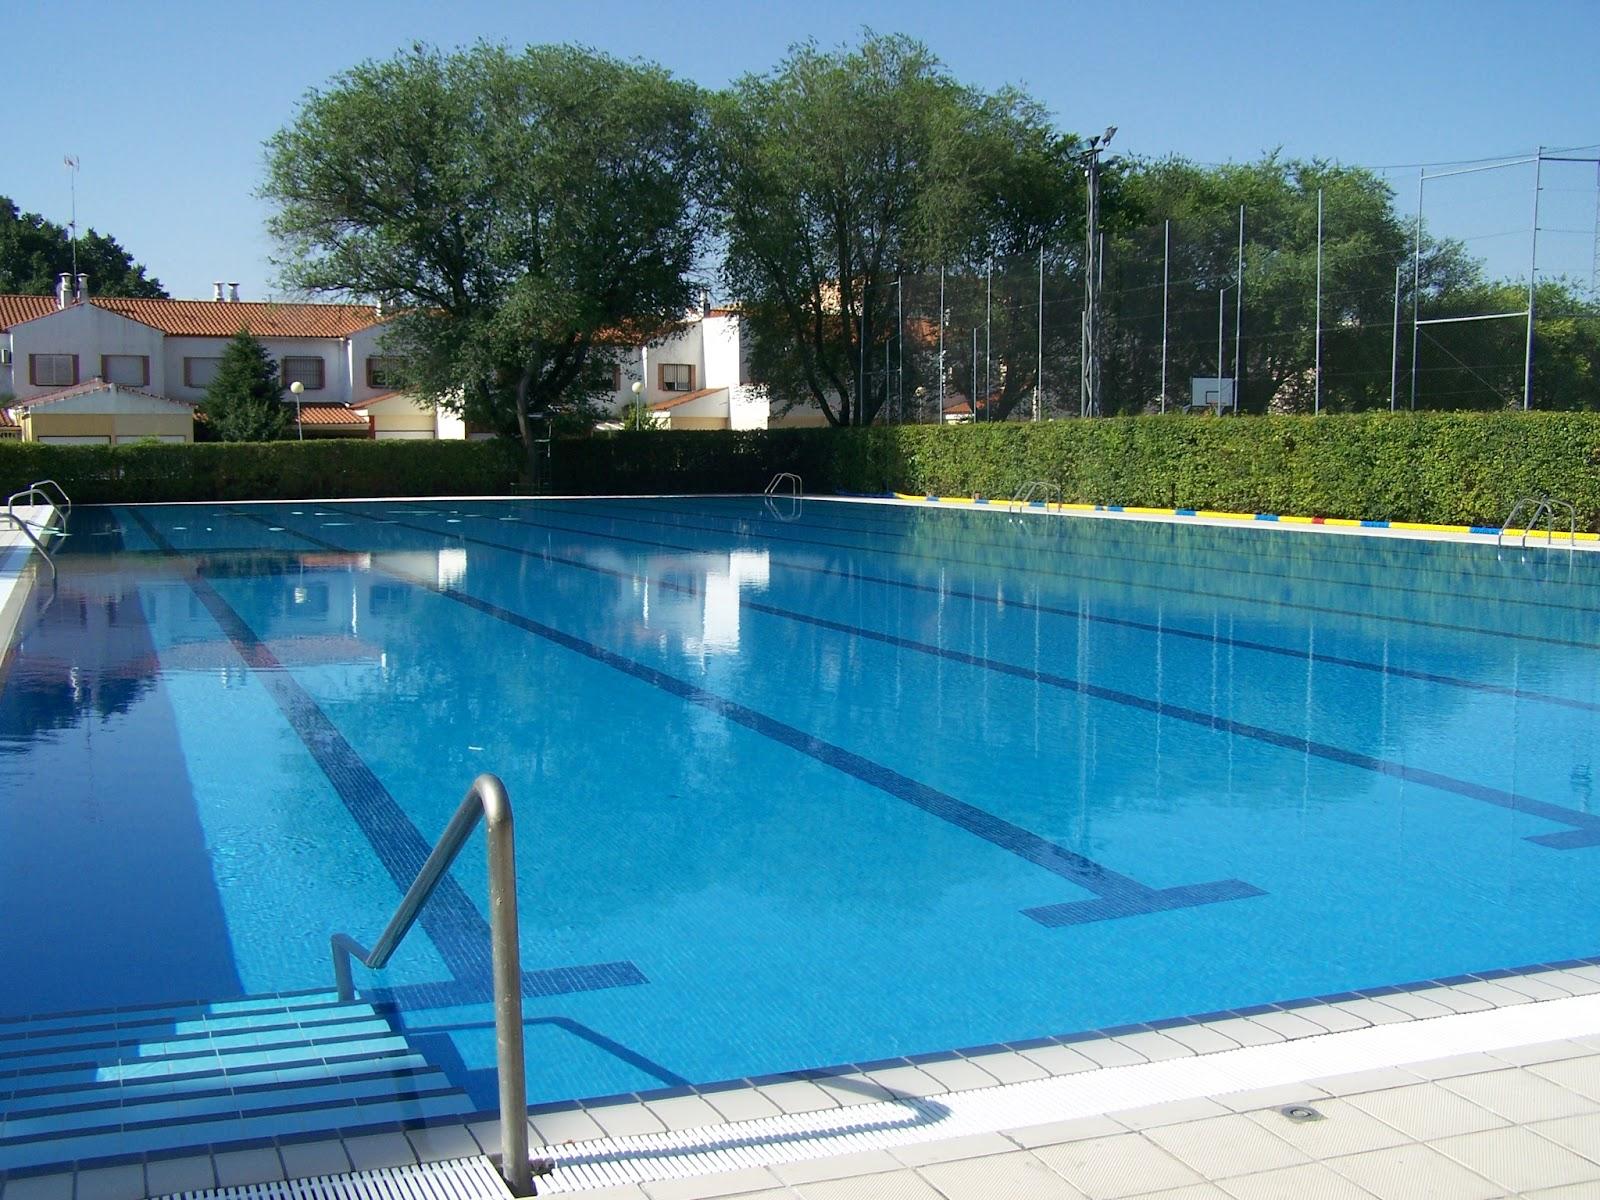 manzanares digital la piscina de verano se abre el viernes